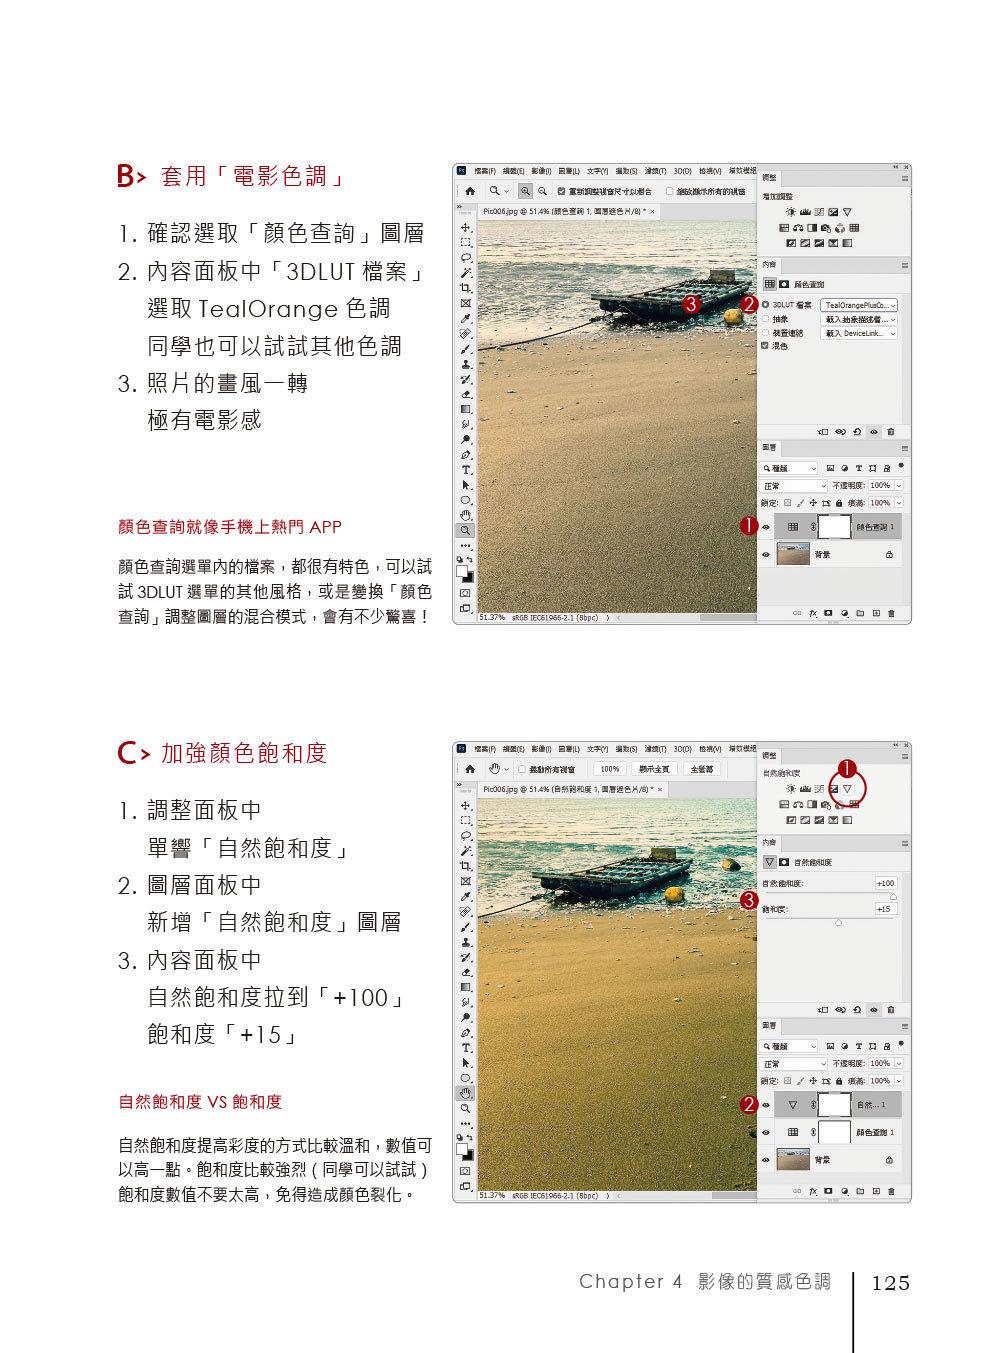 我想學設計!人氣精選 Photoshop 影像編修技:工具x調色x文字x合成x廣告設計(千萬網友點擊推薦狂推必學)-preview-6